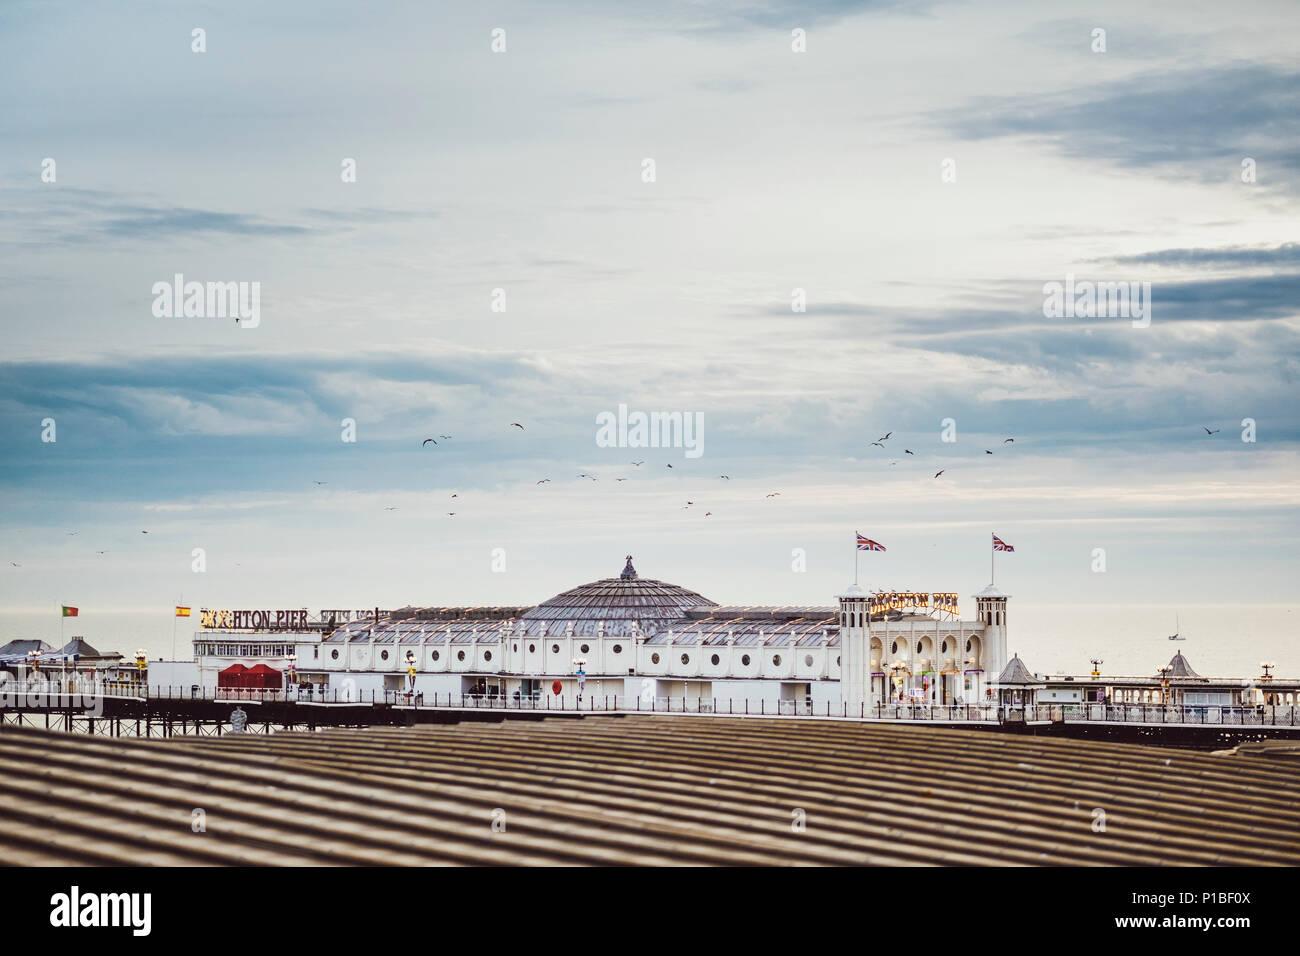 Brighton Pier, Brighton, England - Stock Image